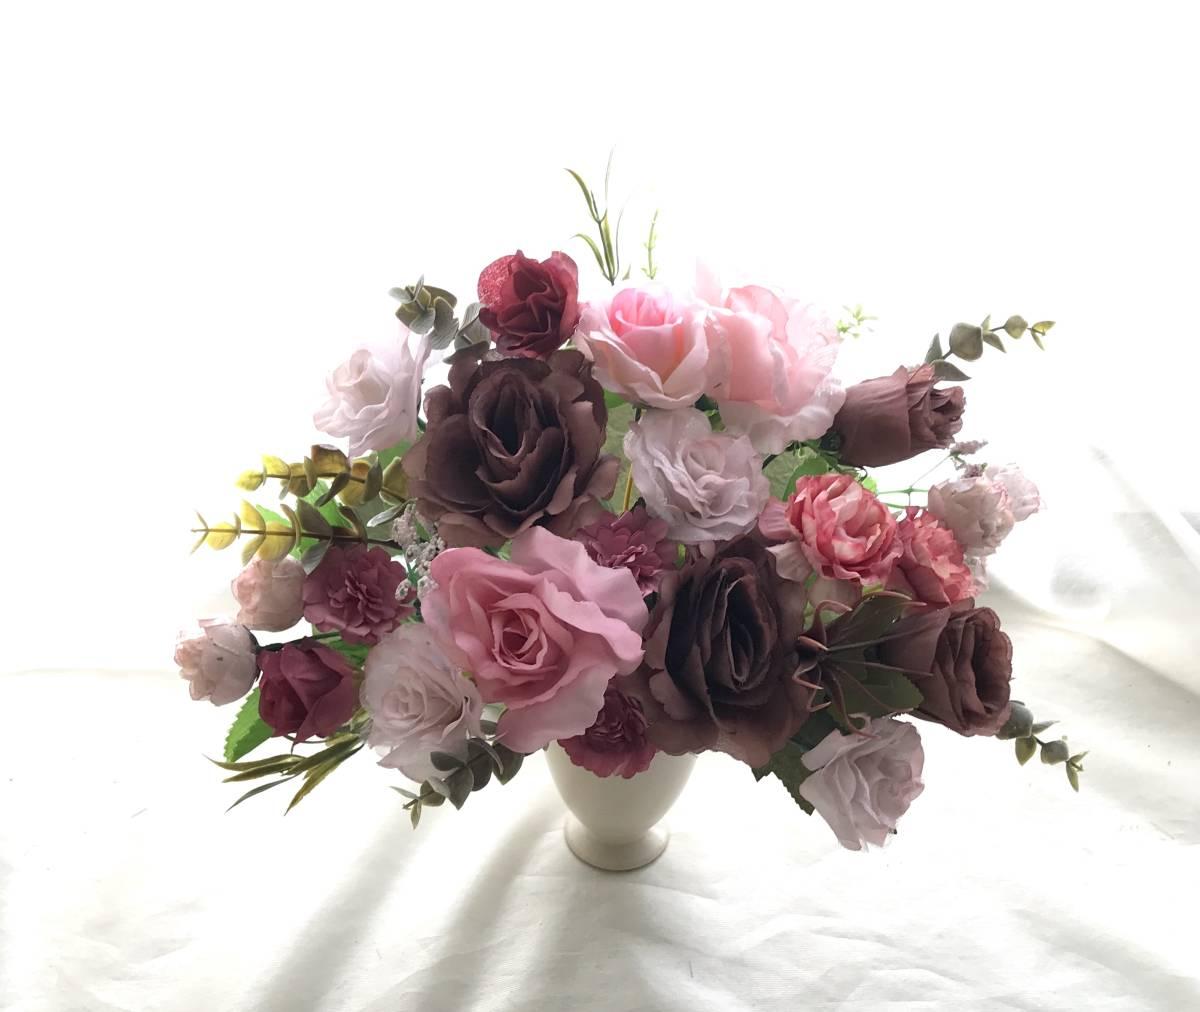 pretty flower�x�[�W���Ԋ�`���R���[�g�u���E���ƃ~���N�e�B�[�s���N���K�N�t�F�~�j���A�����W Image7